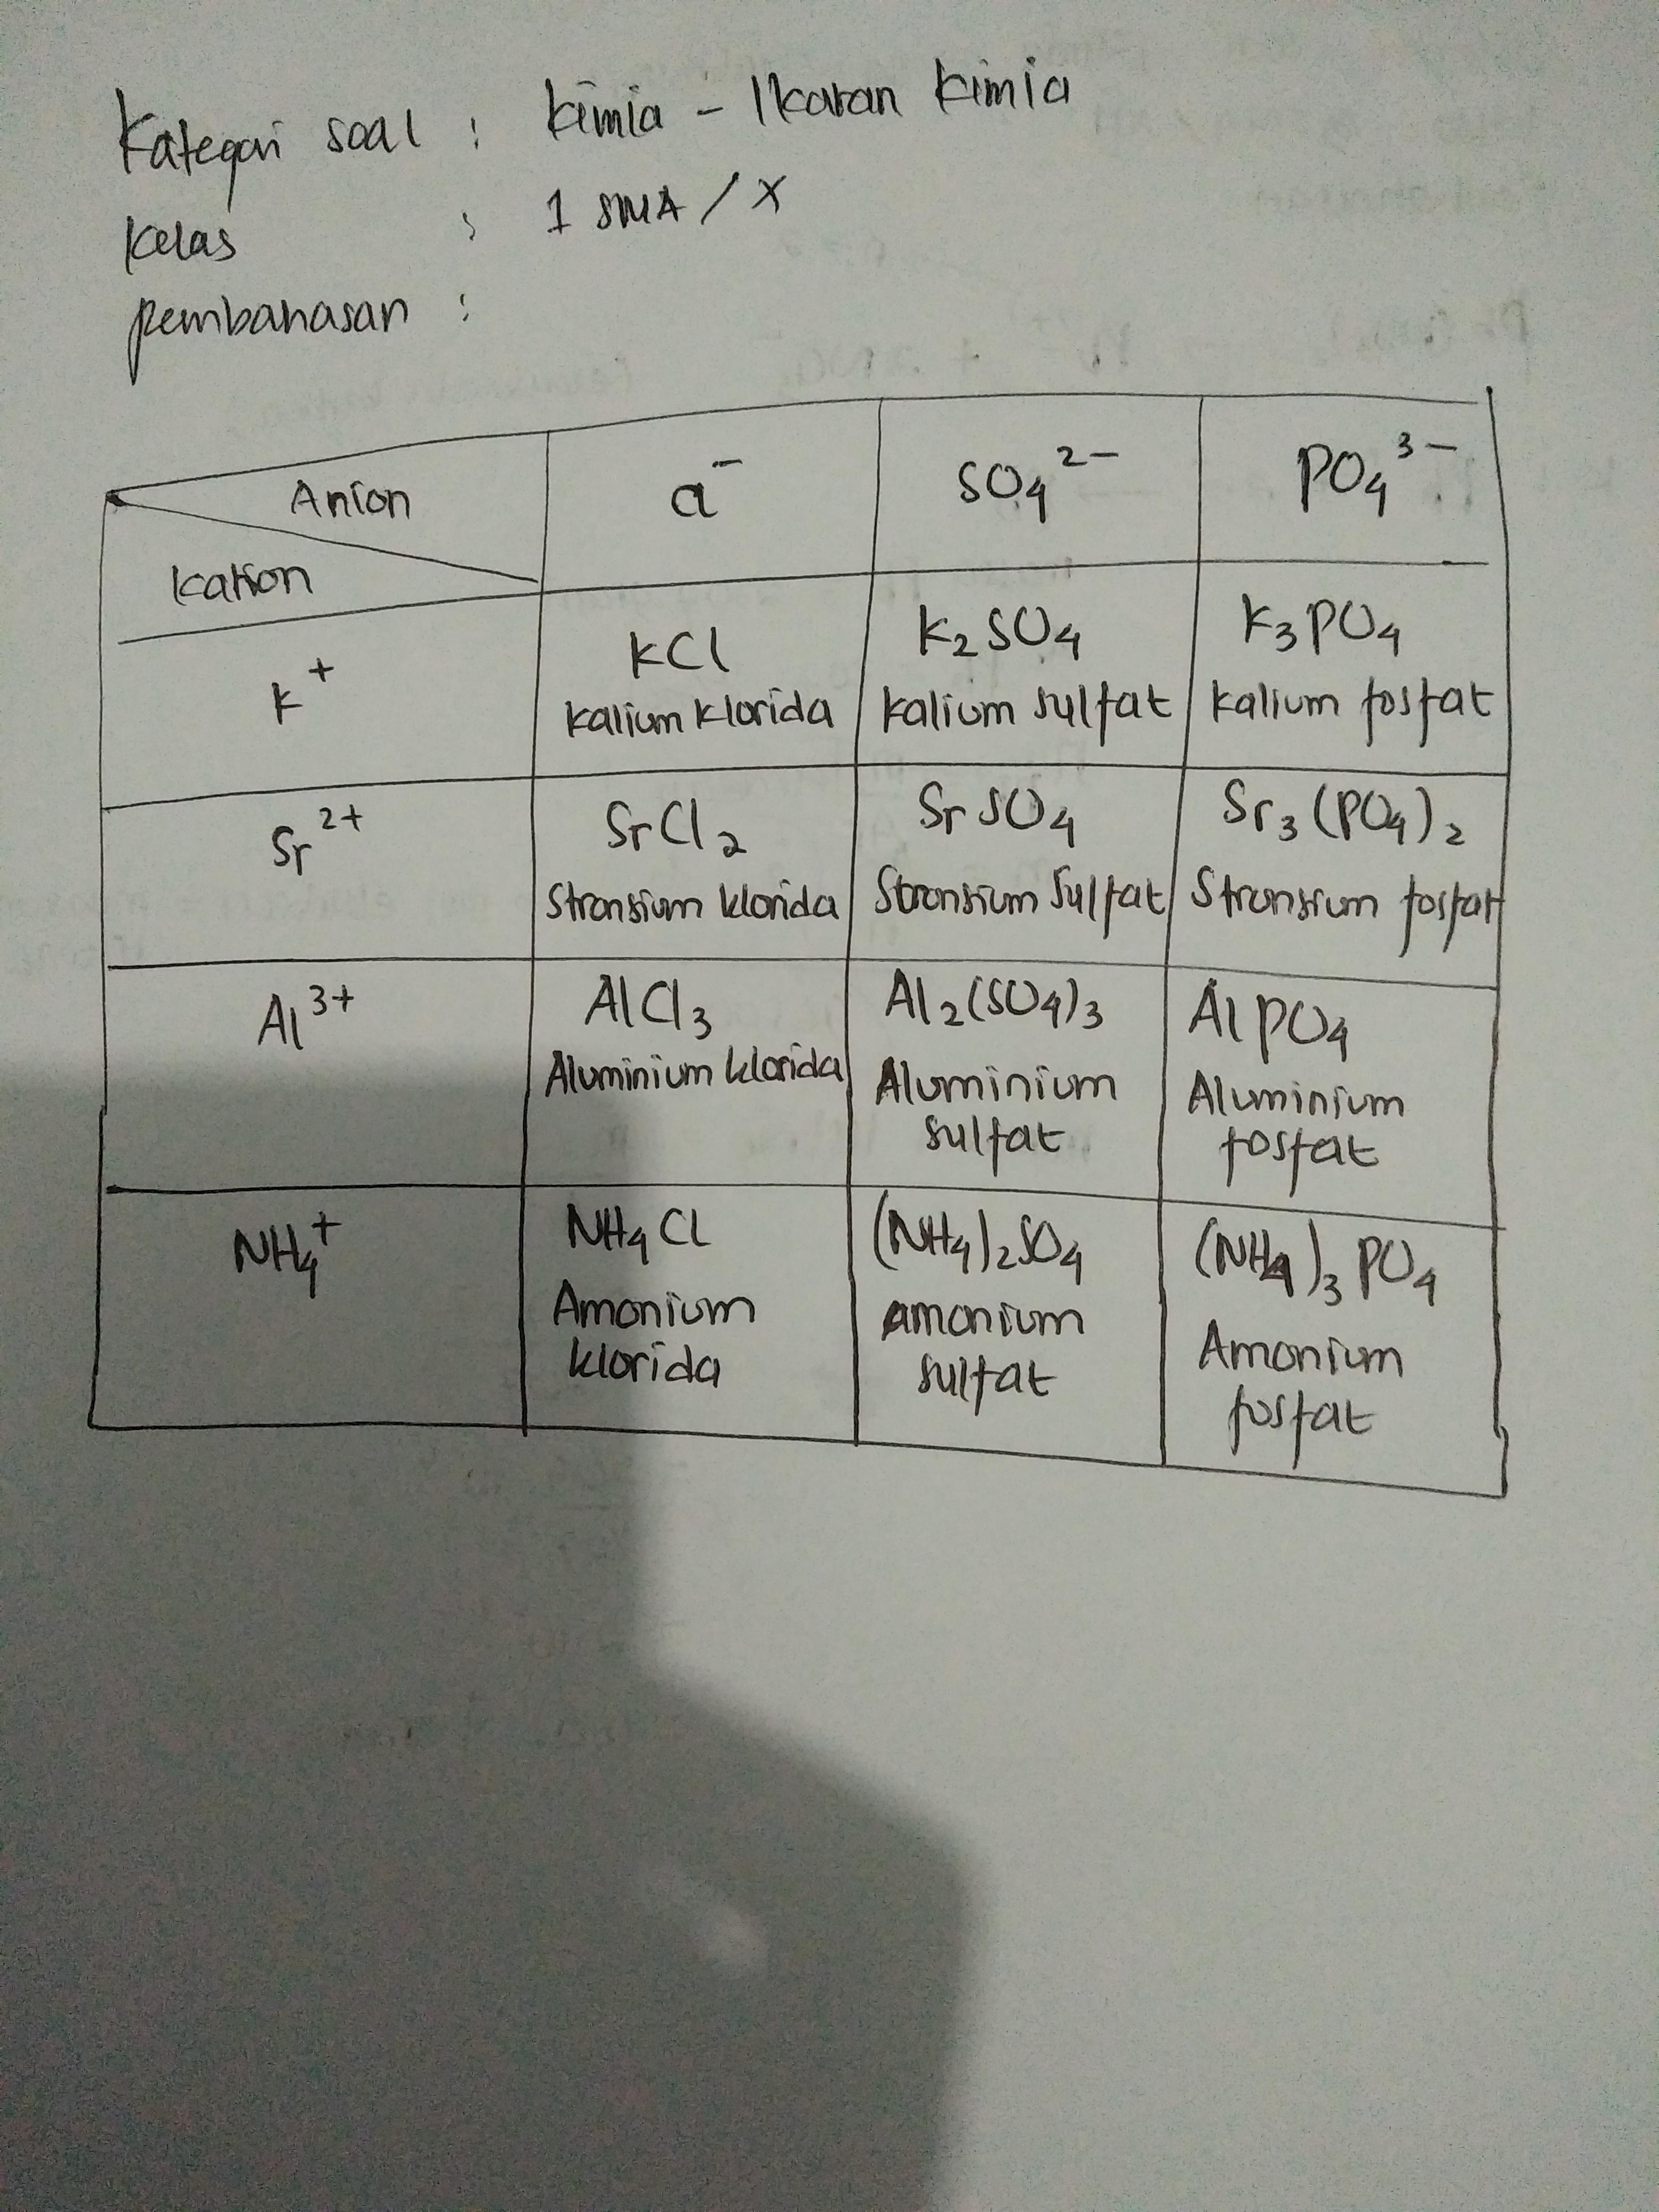 Rumus Kimia Dan Nama Senyawa Yang Terbentuk Dari Kation Dan Anion